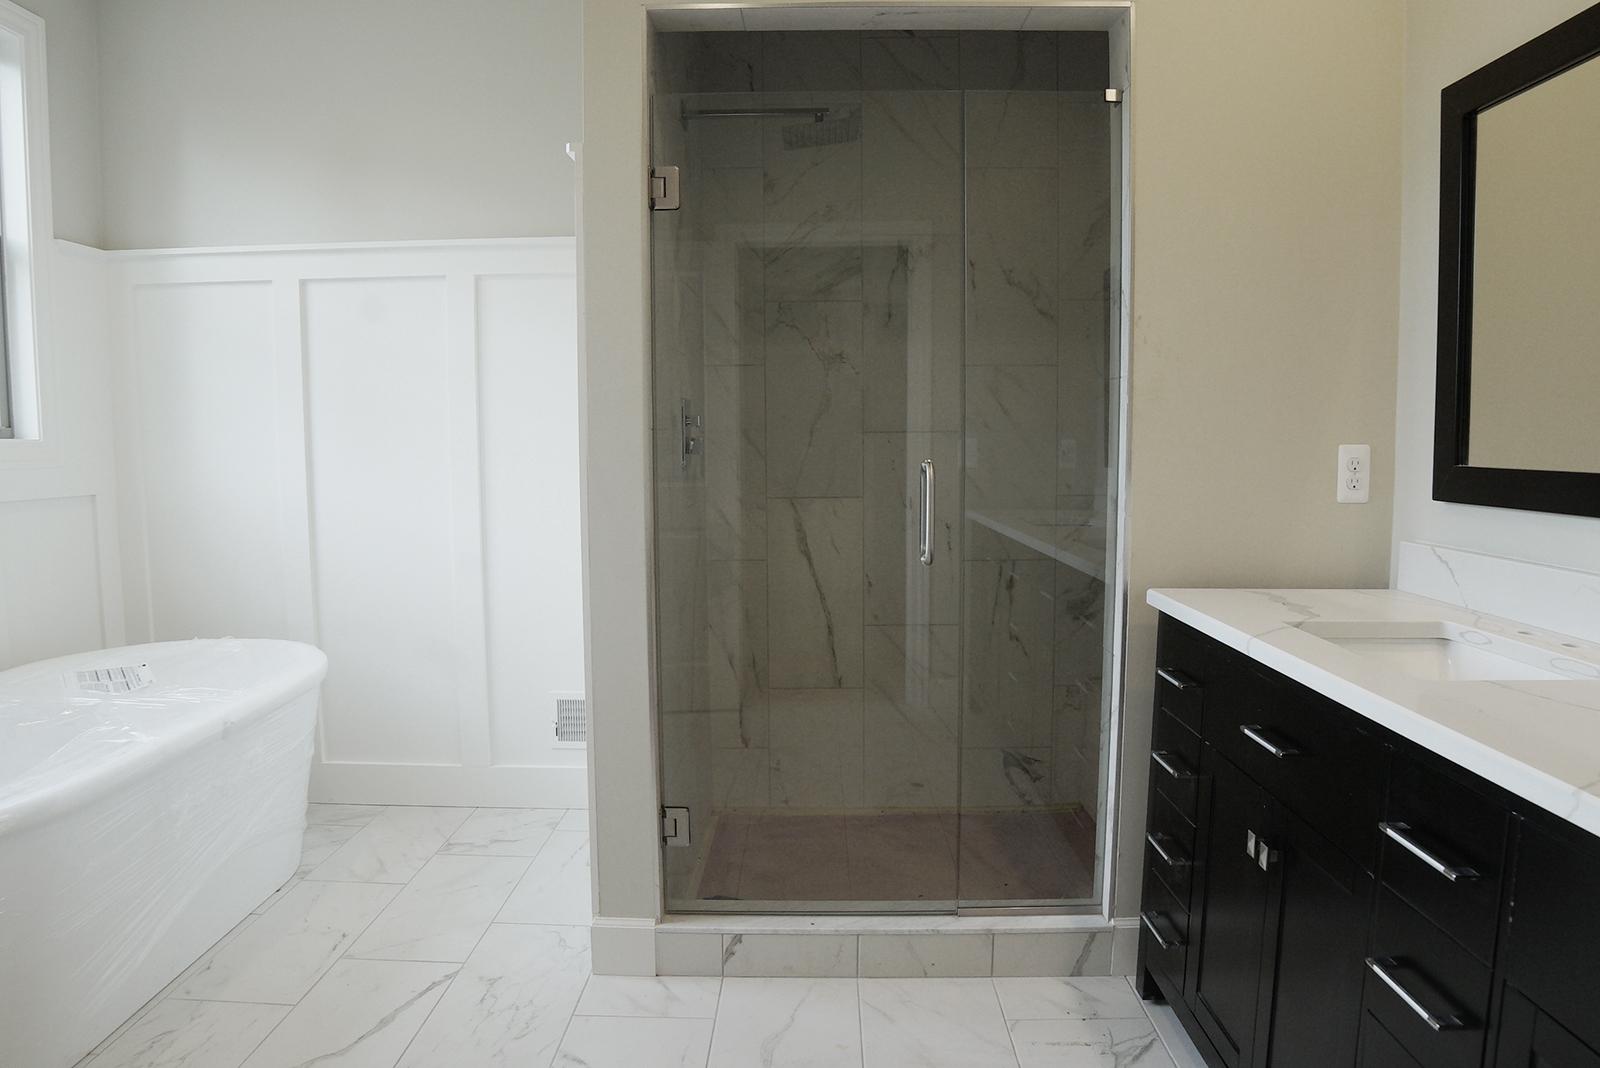 Bathroom_shower_DSC06110.jpg